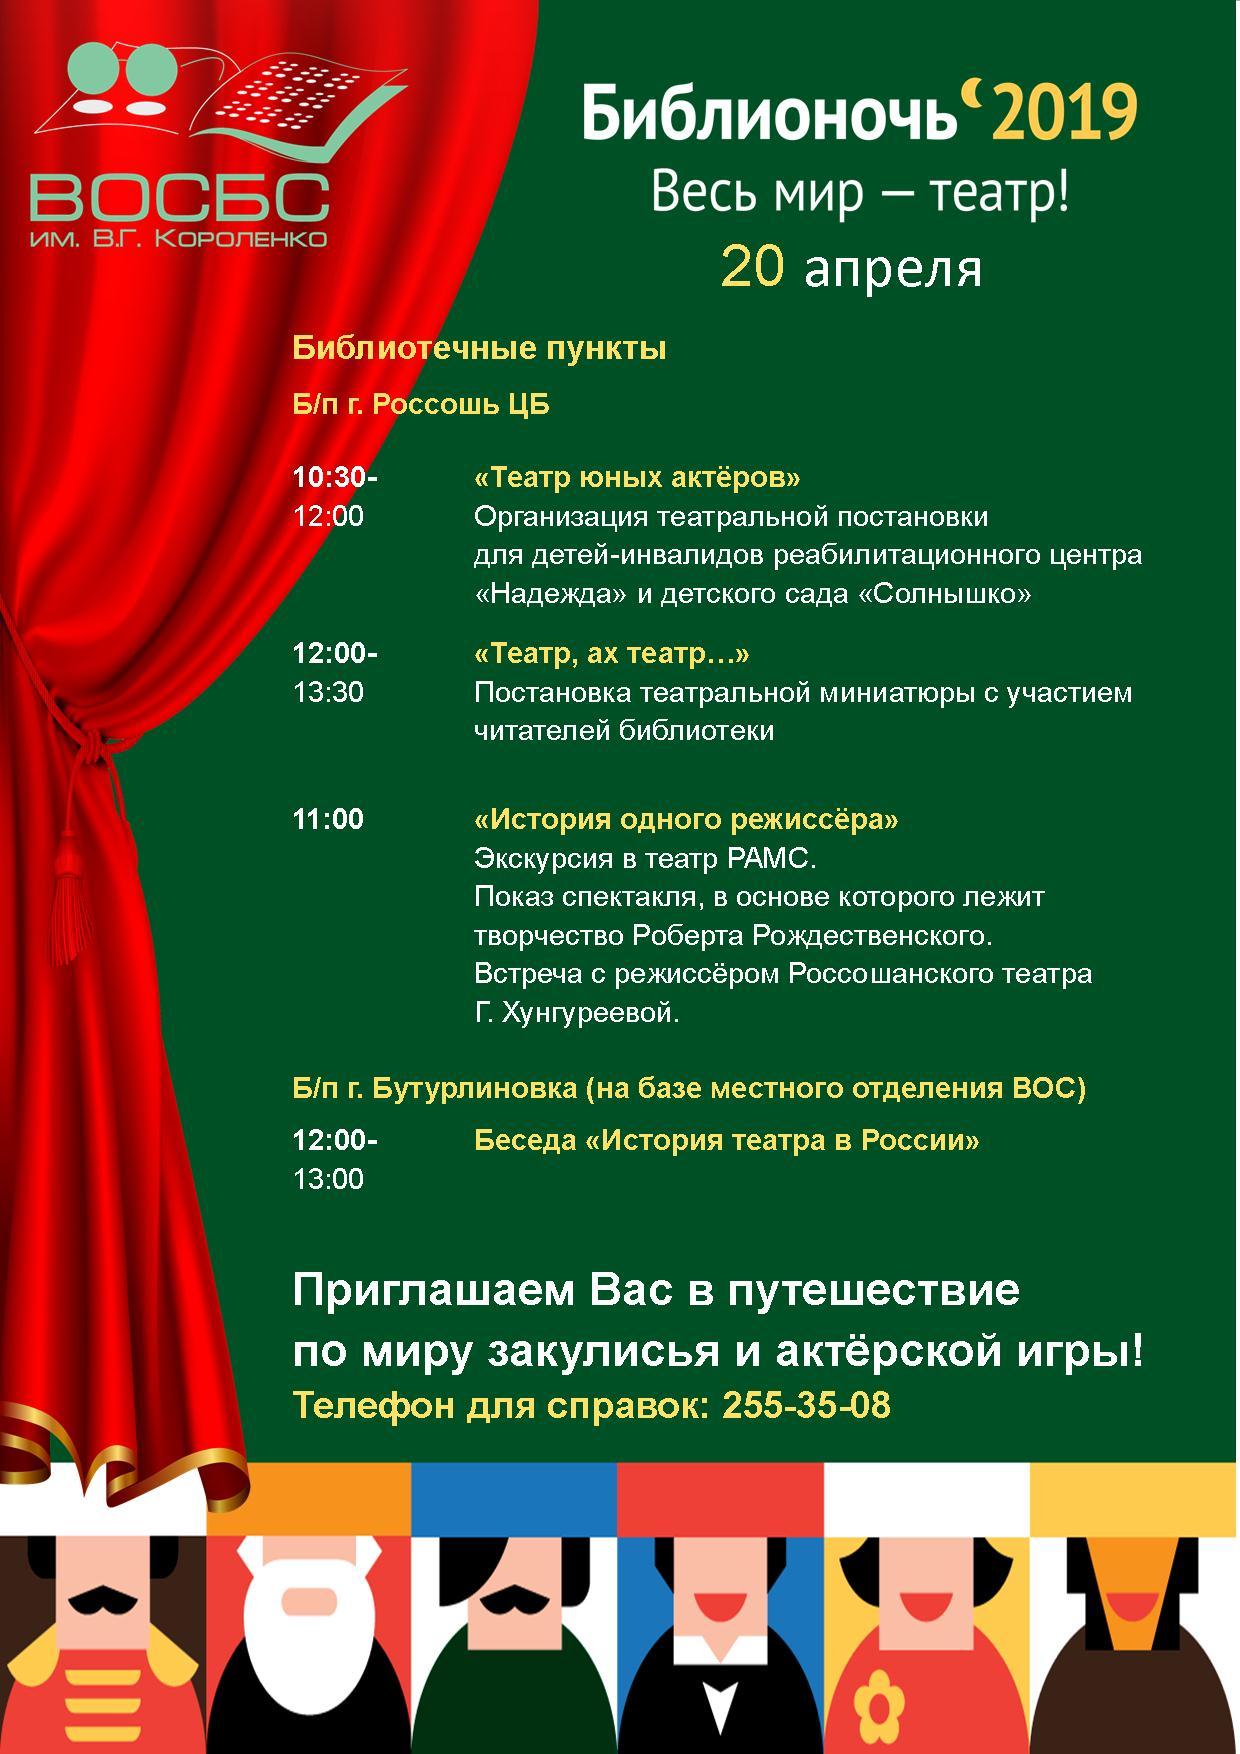 Программа мероприятий библиотеки В.Г. Короленко в рамках Всероссийской акции «Библионочь-2019»